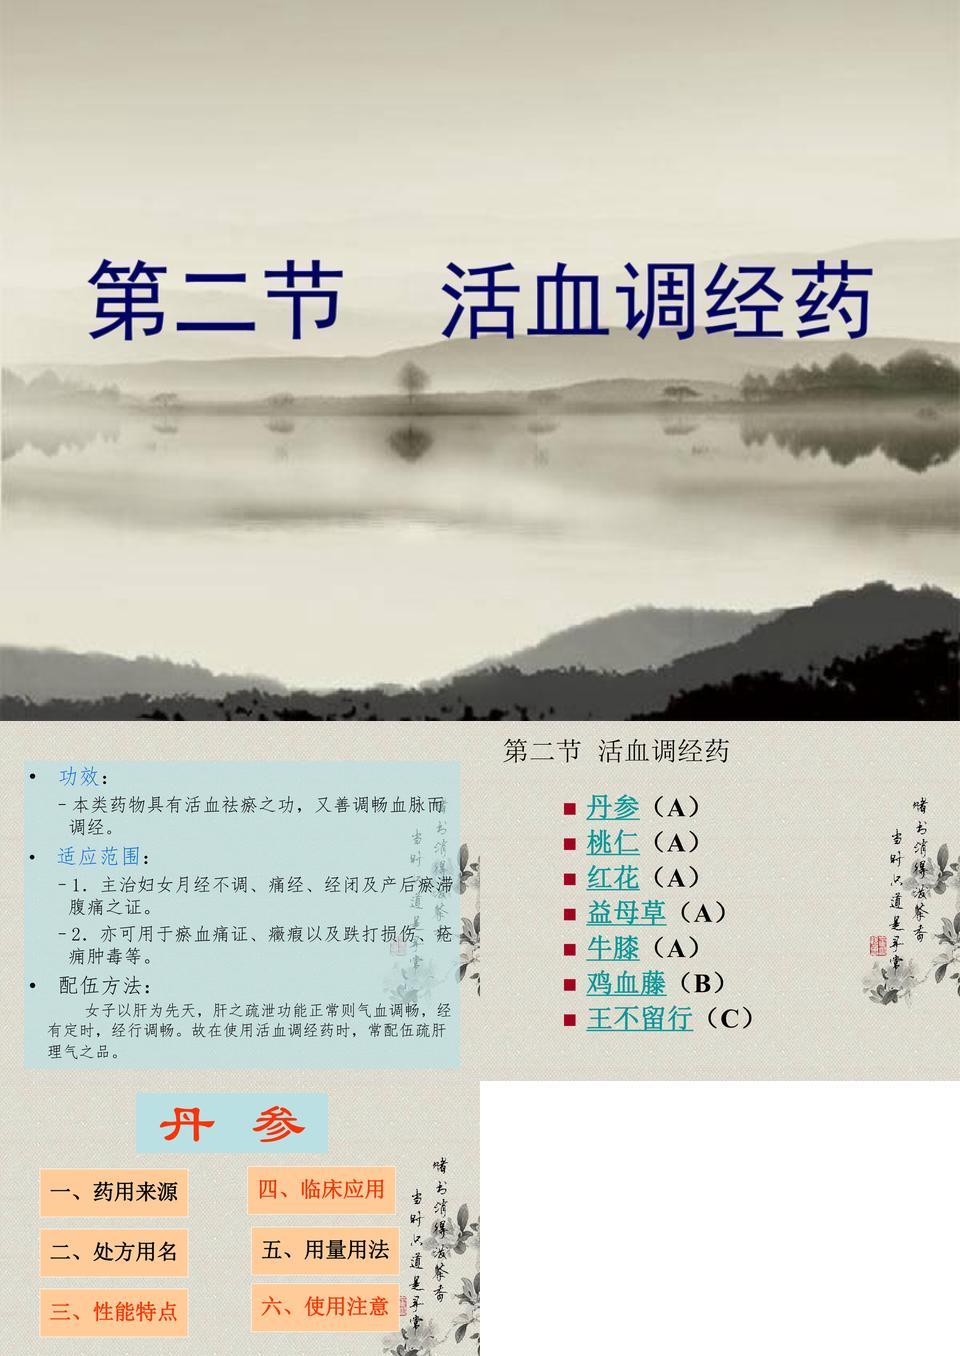 12中药学第十二章 活血药——活血调经药.ppt